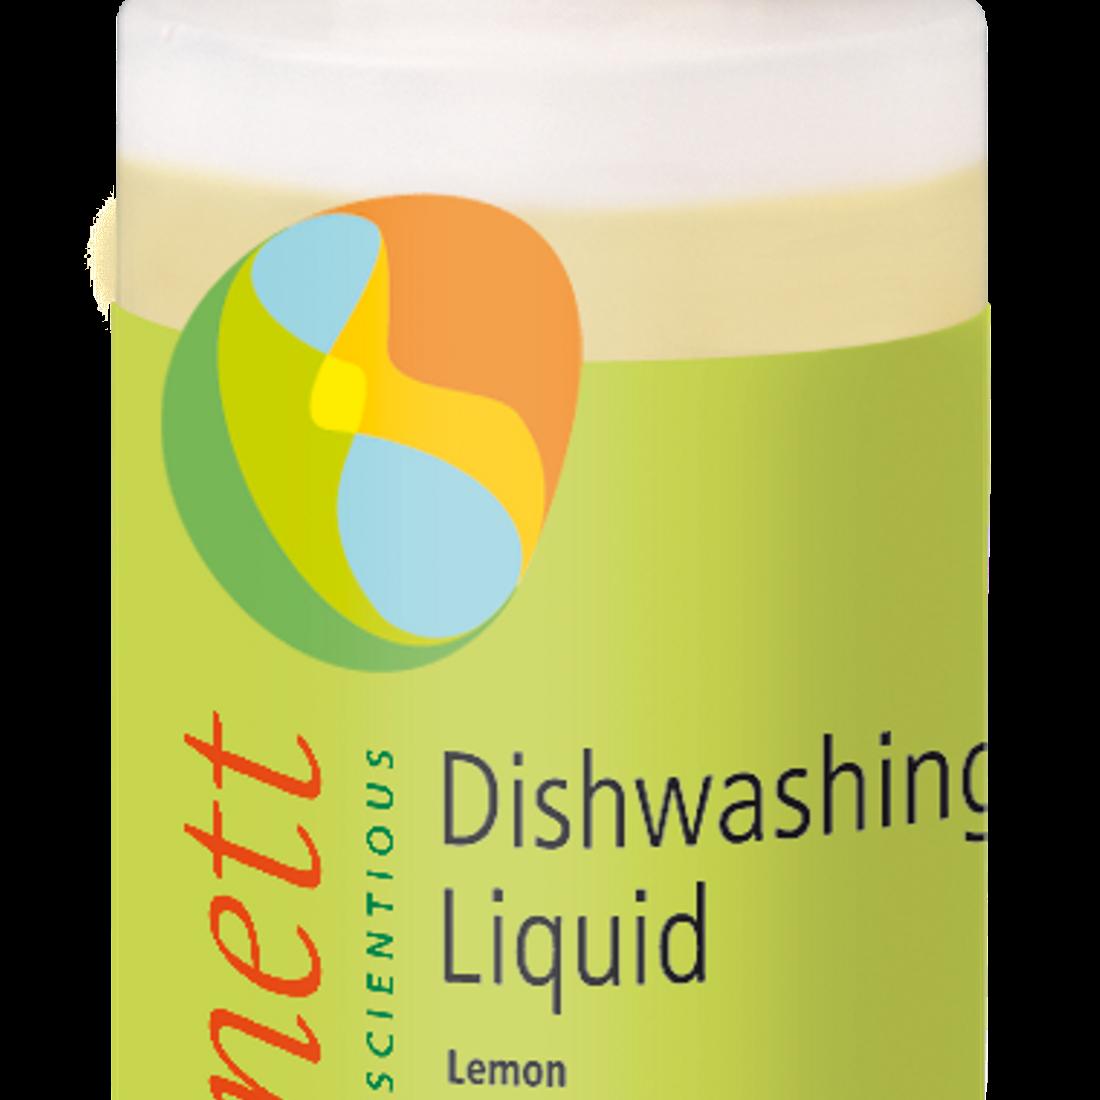 Sonett Eco Dishwashing Liquid Lemon 10 fl oz./ 300 ml